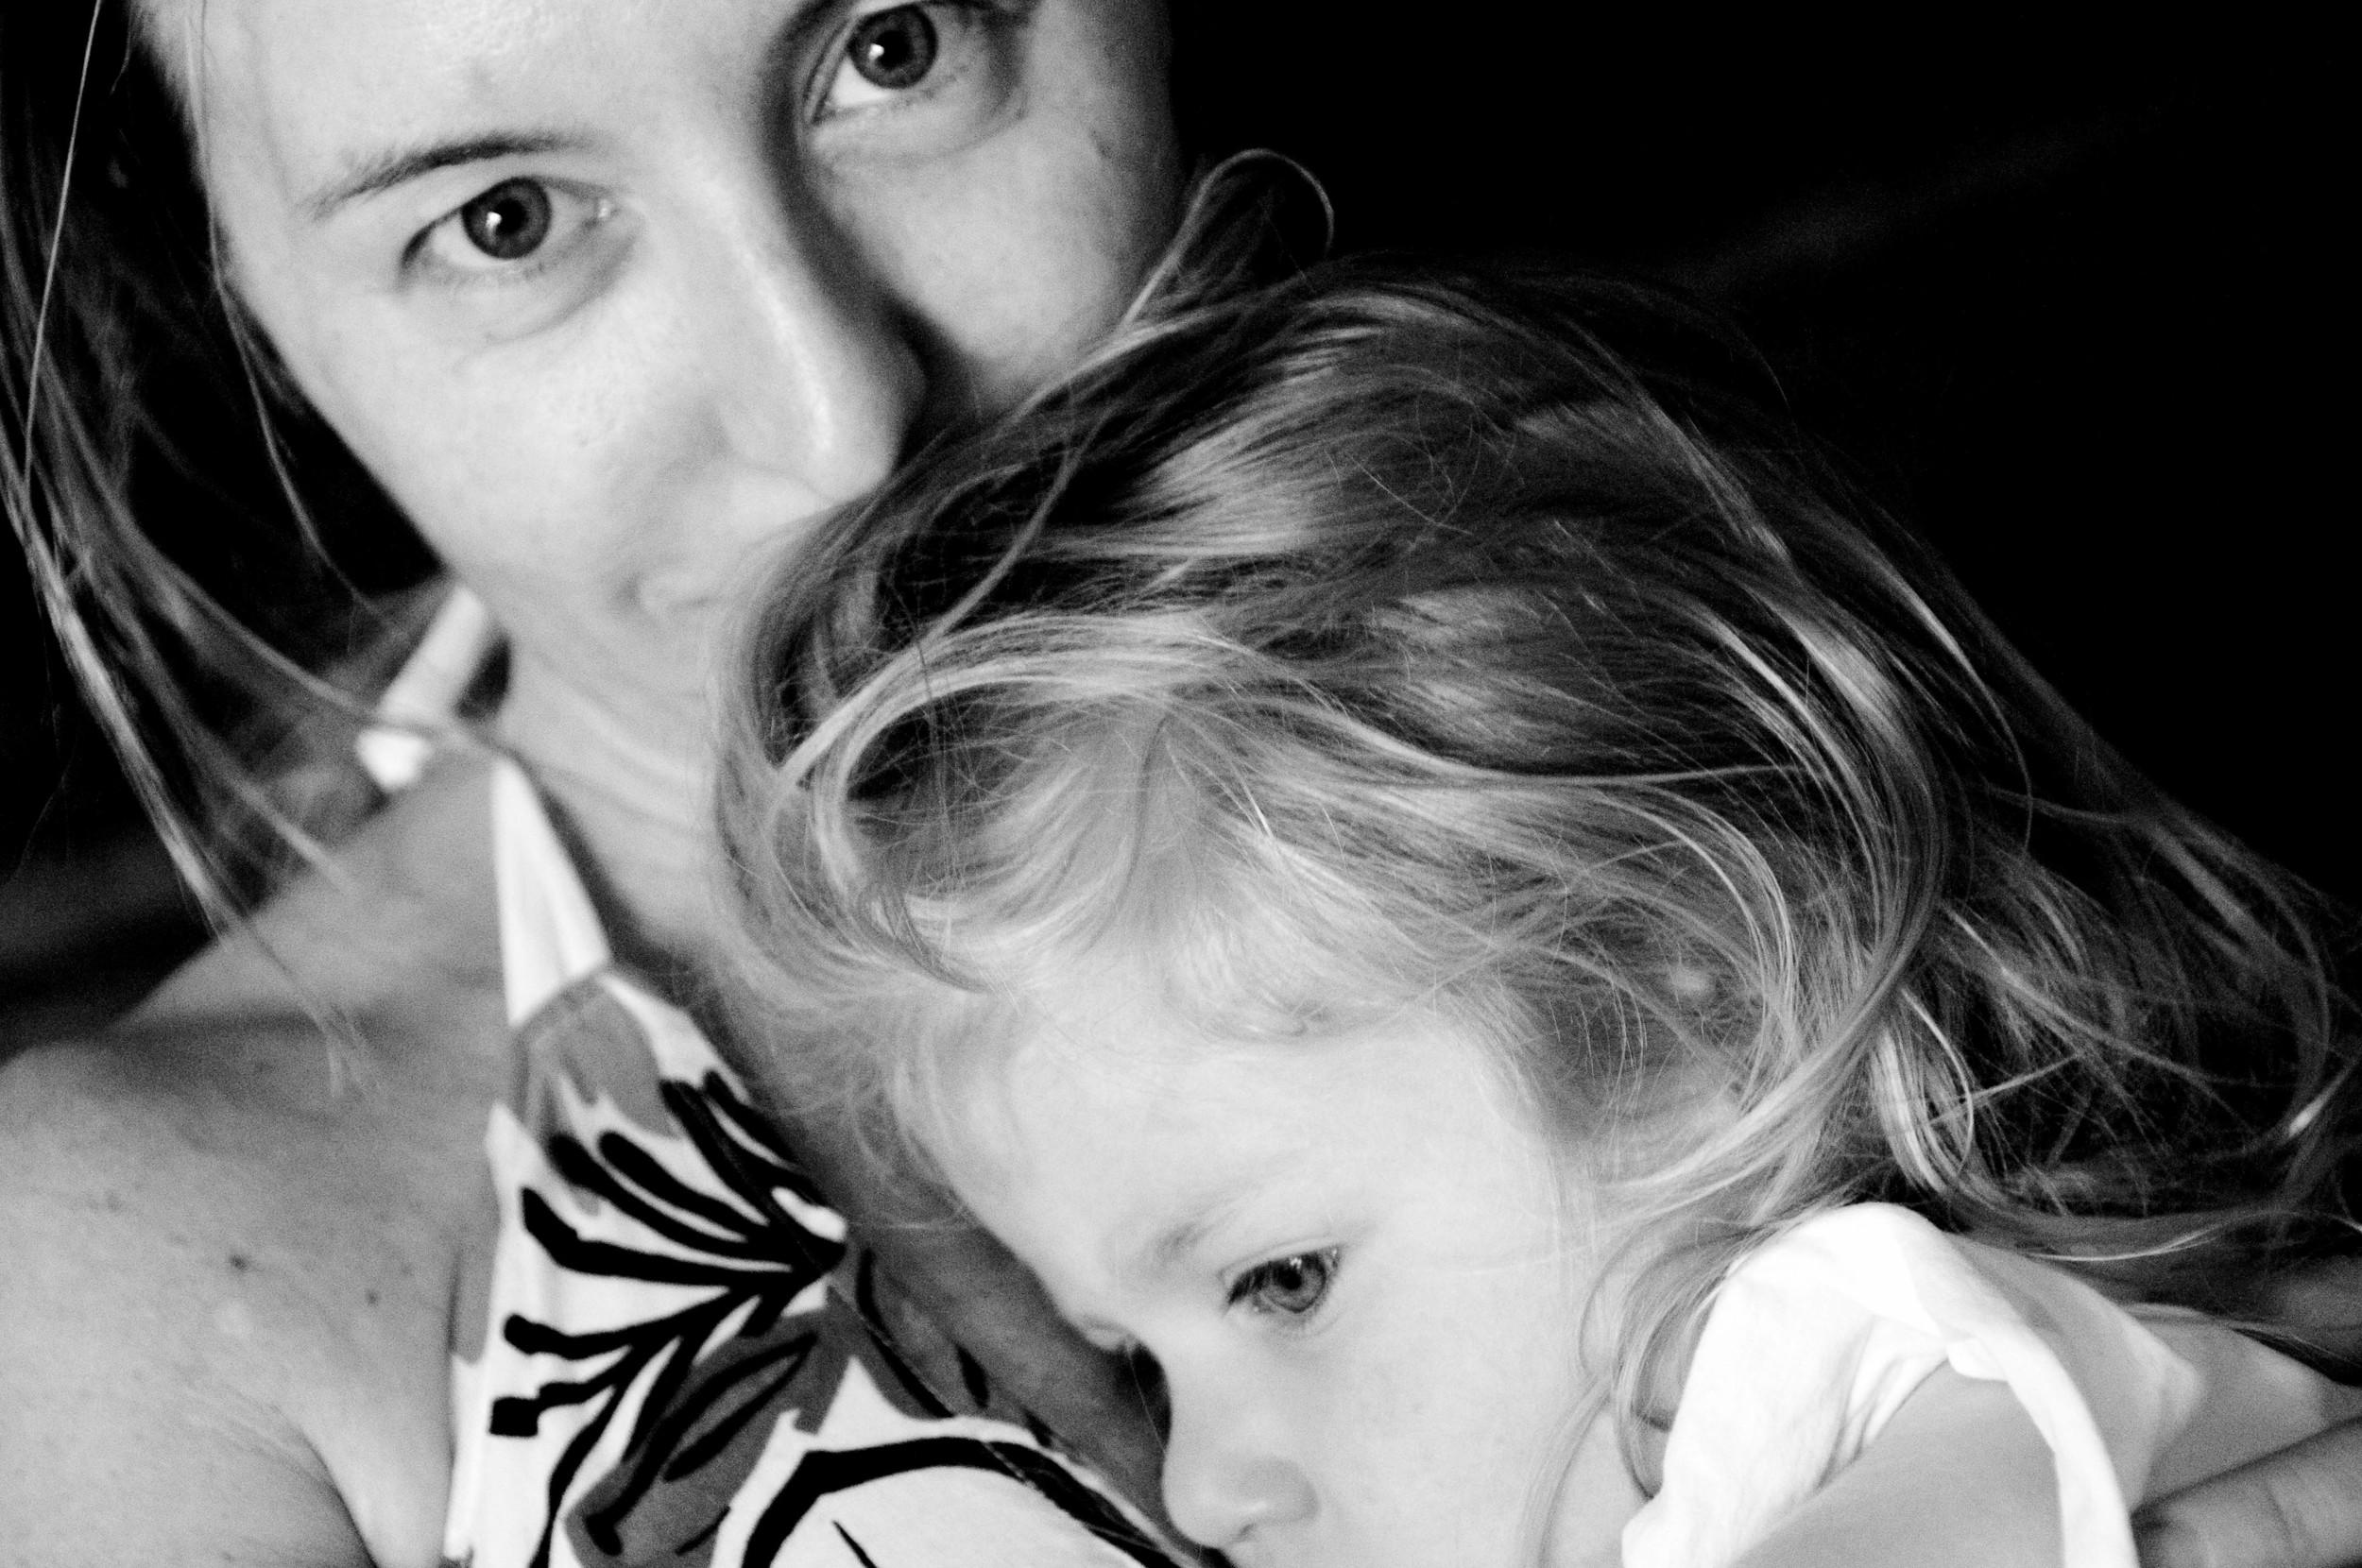 Isa and Mina, July 2010